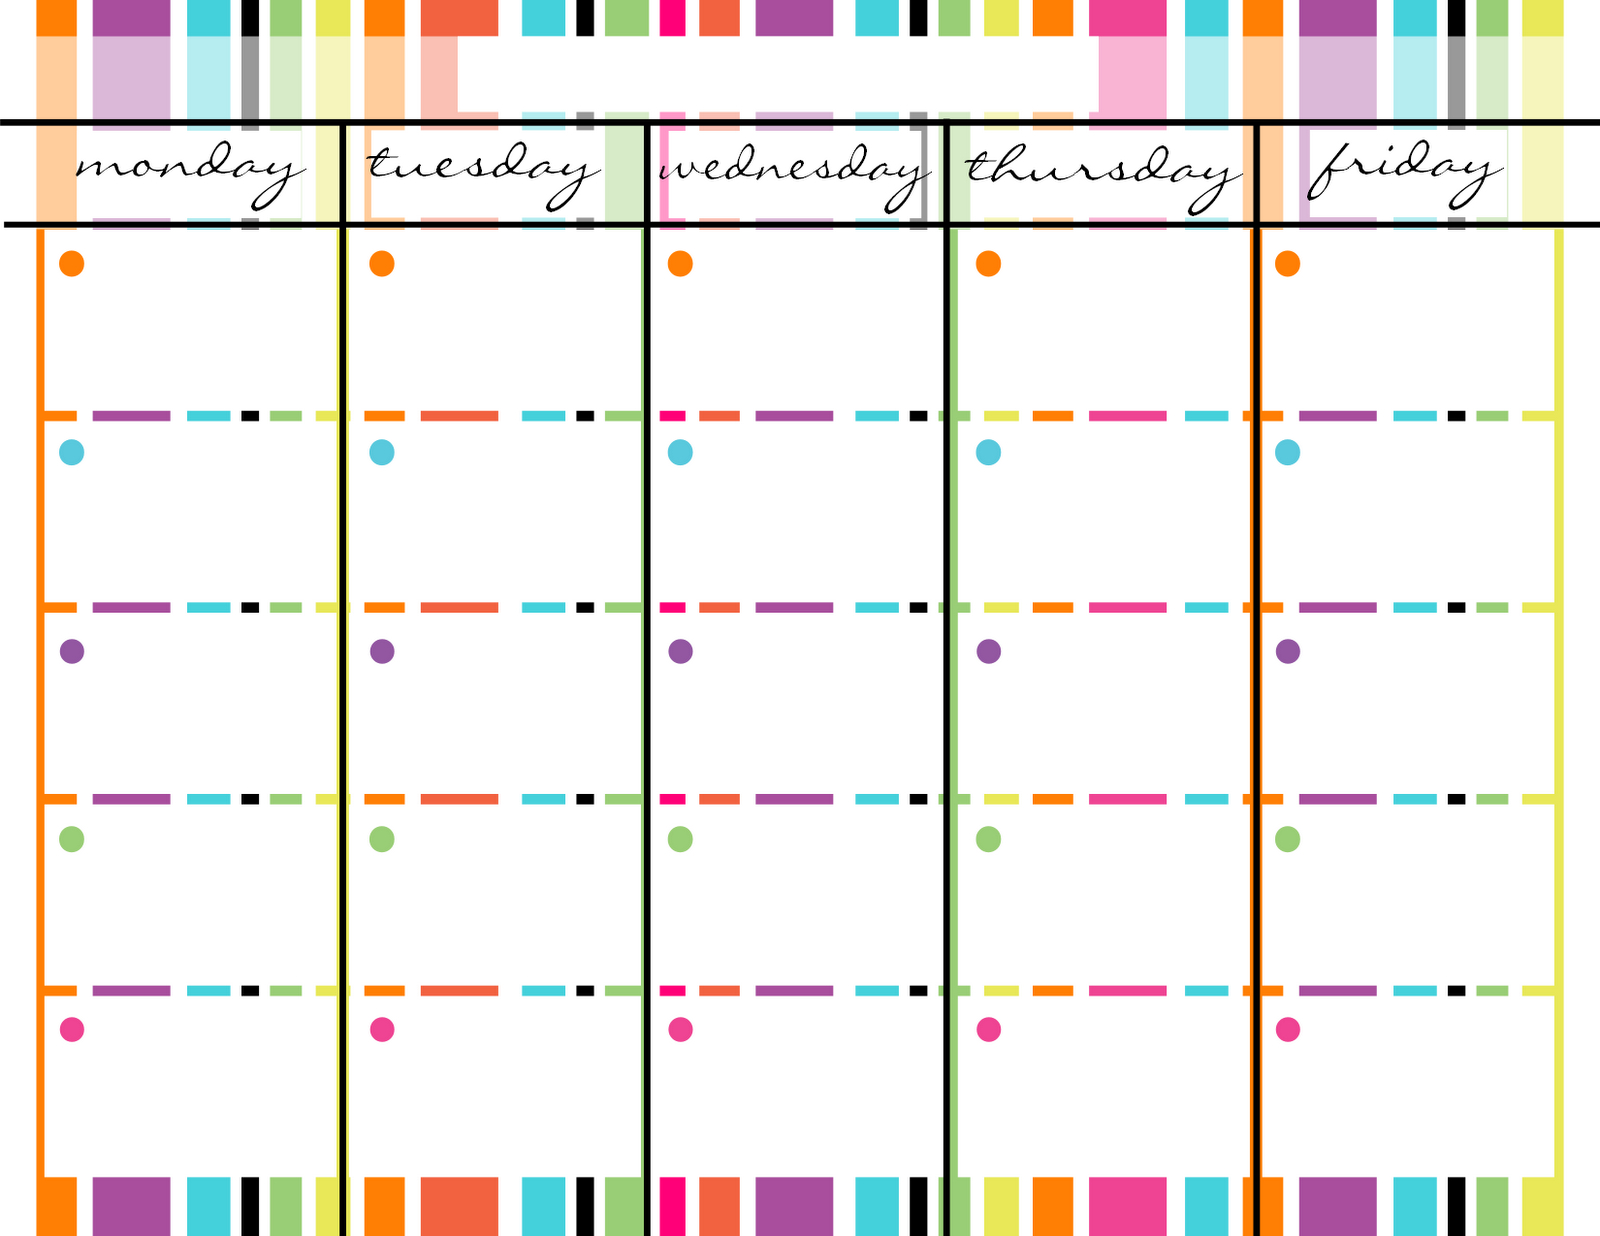 Blank Monday Through Friday Printable Calendar | School | Weekly regarding Monday Through Friday Blank Calendar Printable